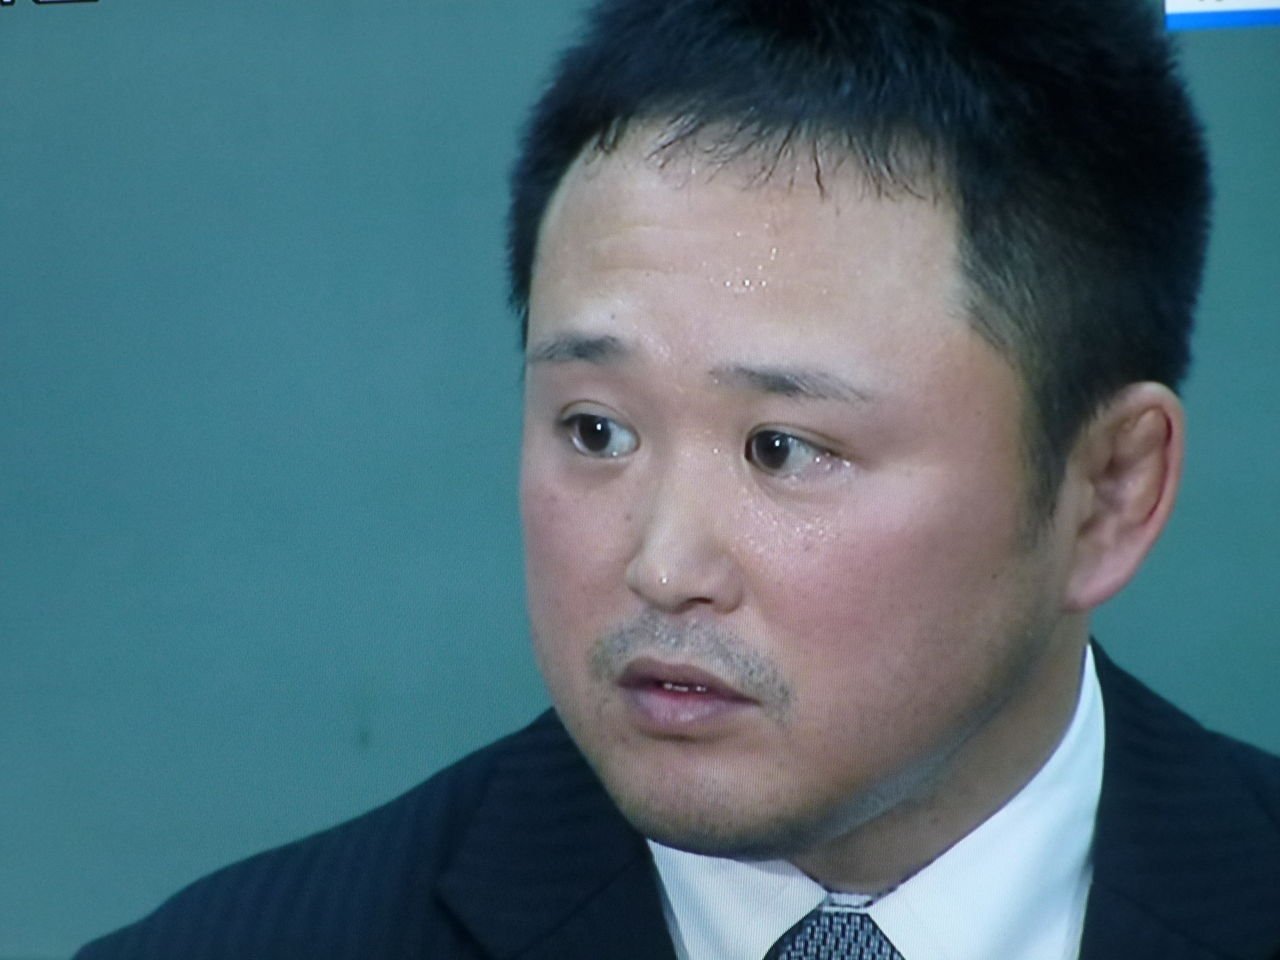 園田隆二会見 園田問題を、故・神永昭夫さんが嘆いている。 - livedoor Blog(ブログ